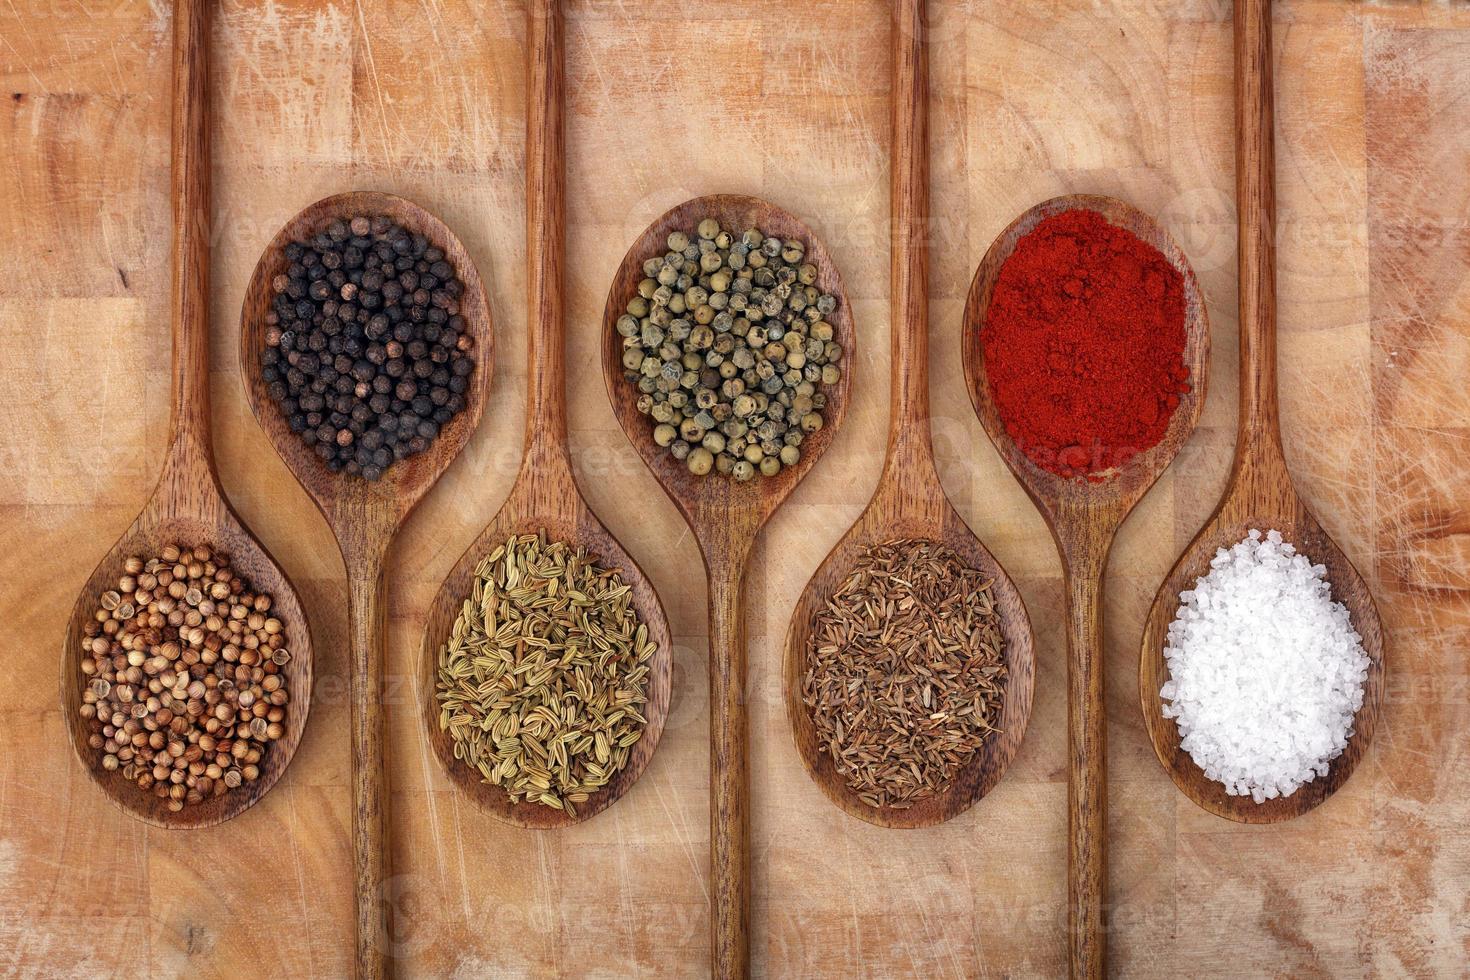 especias en cucharas de madera foto